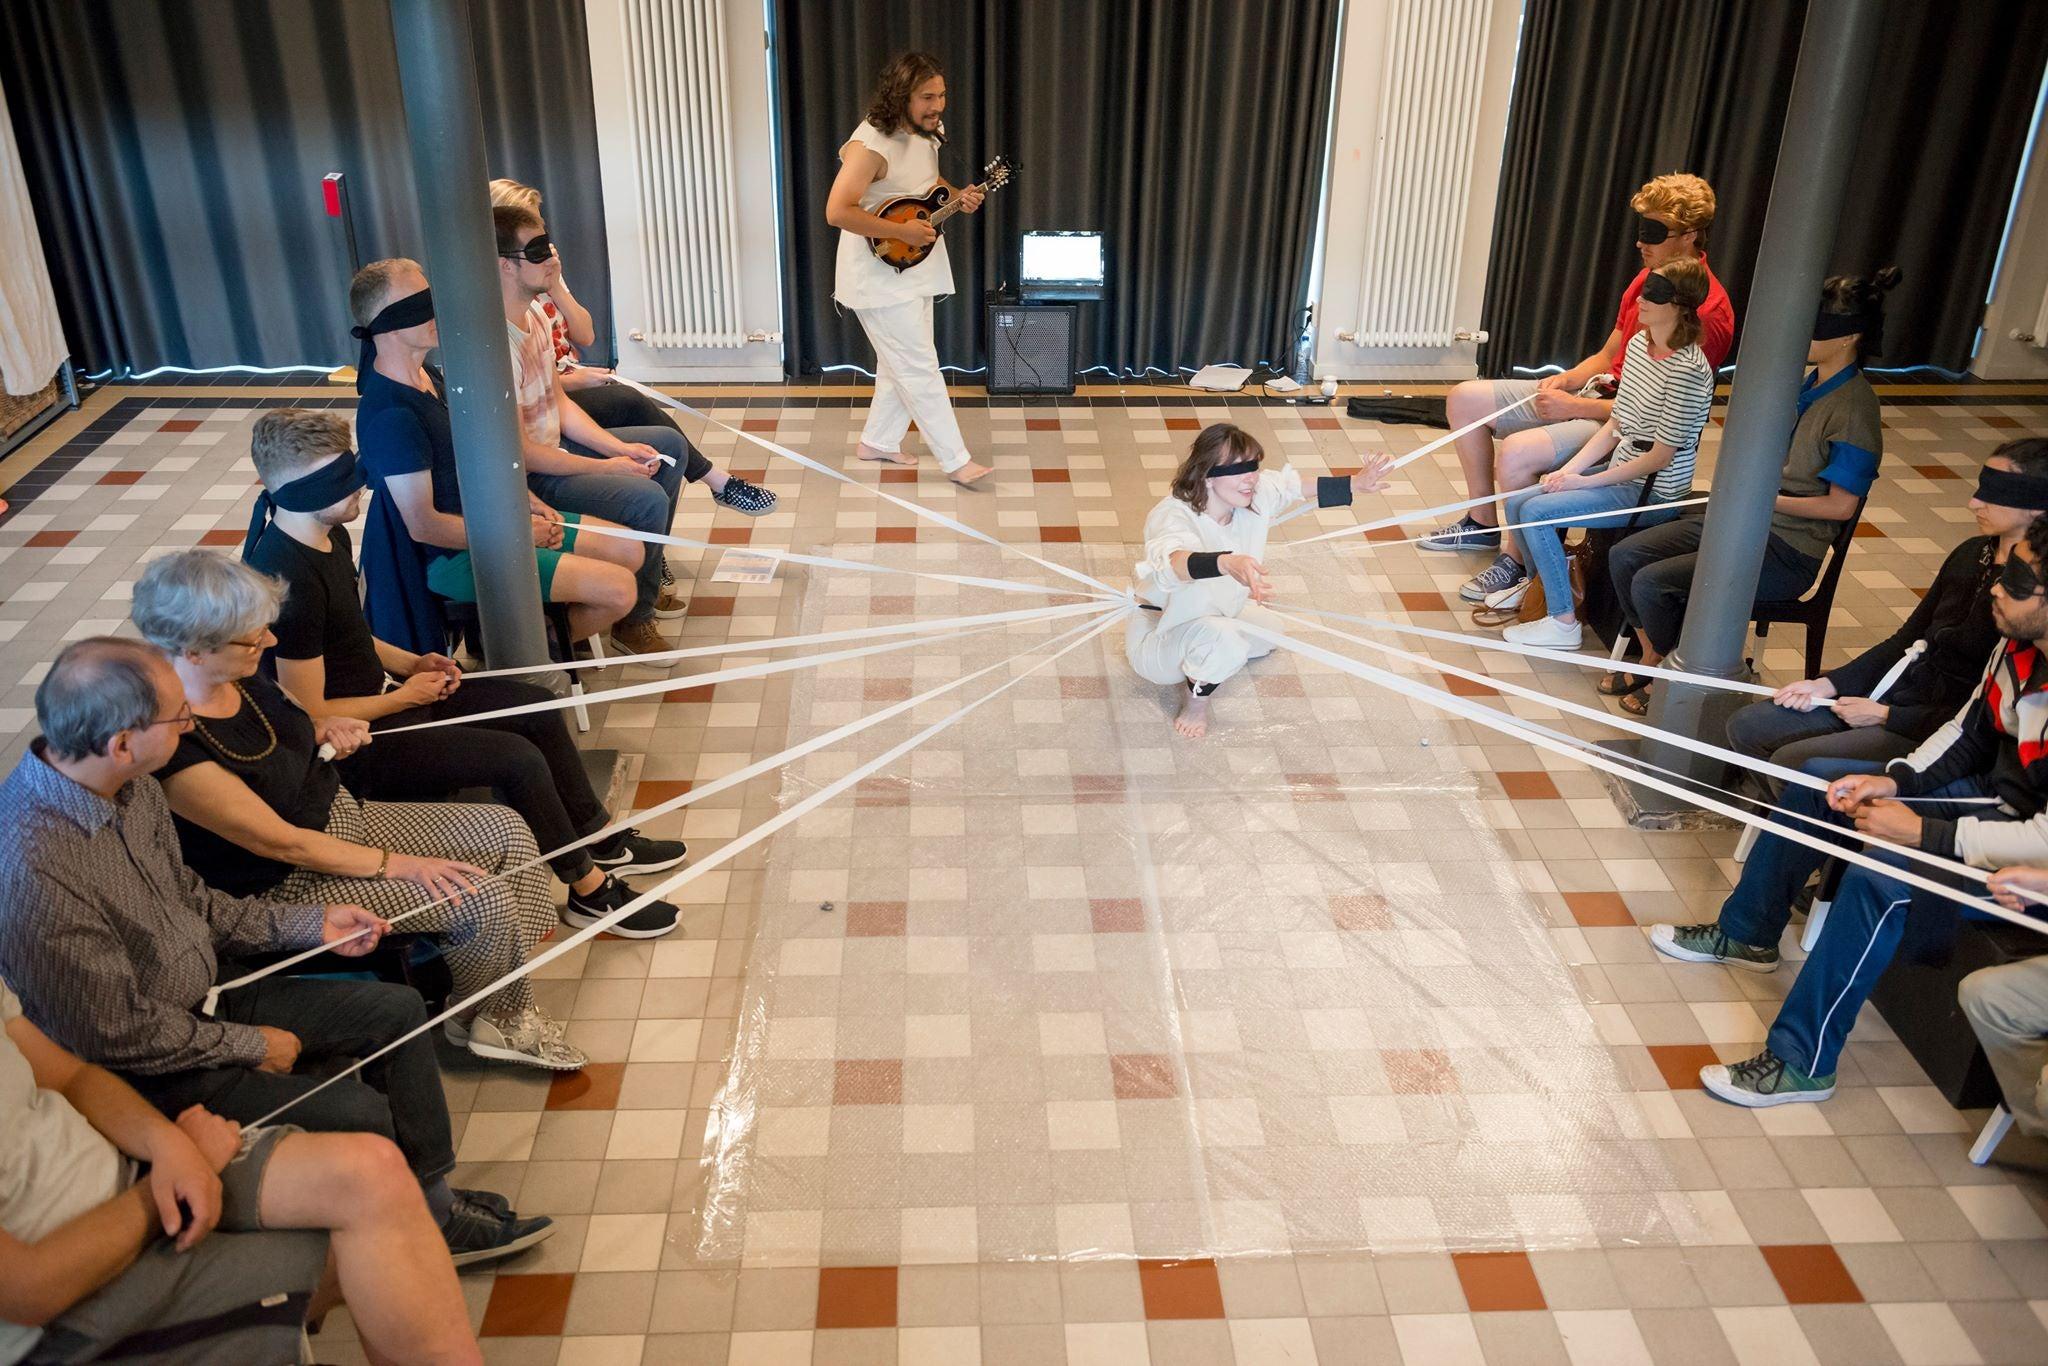 Blinde mensen ervaren een dansvoorstelling via een band met de danser